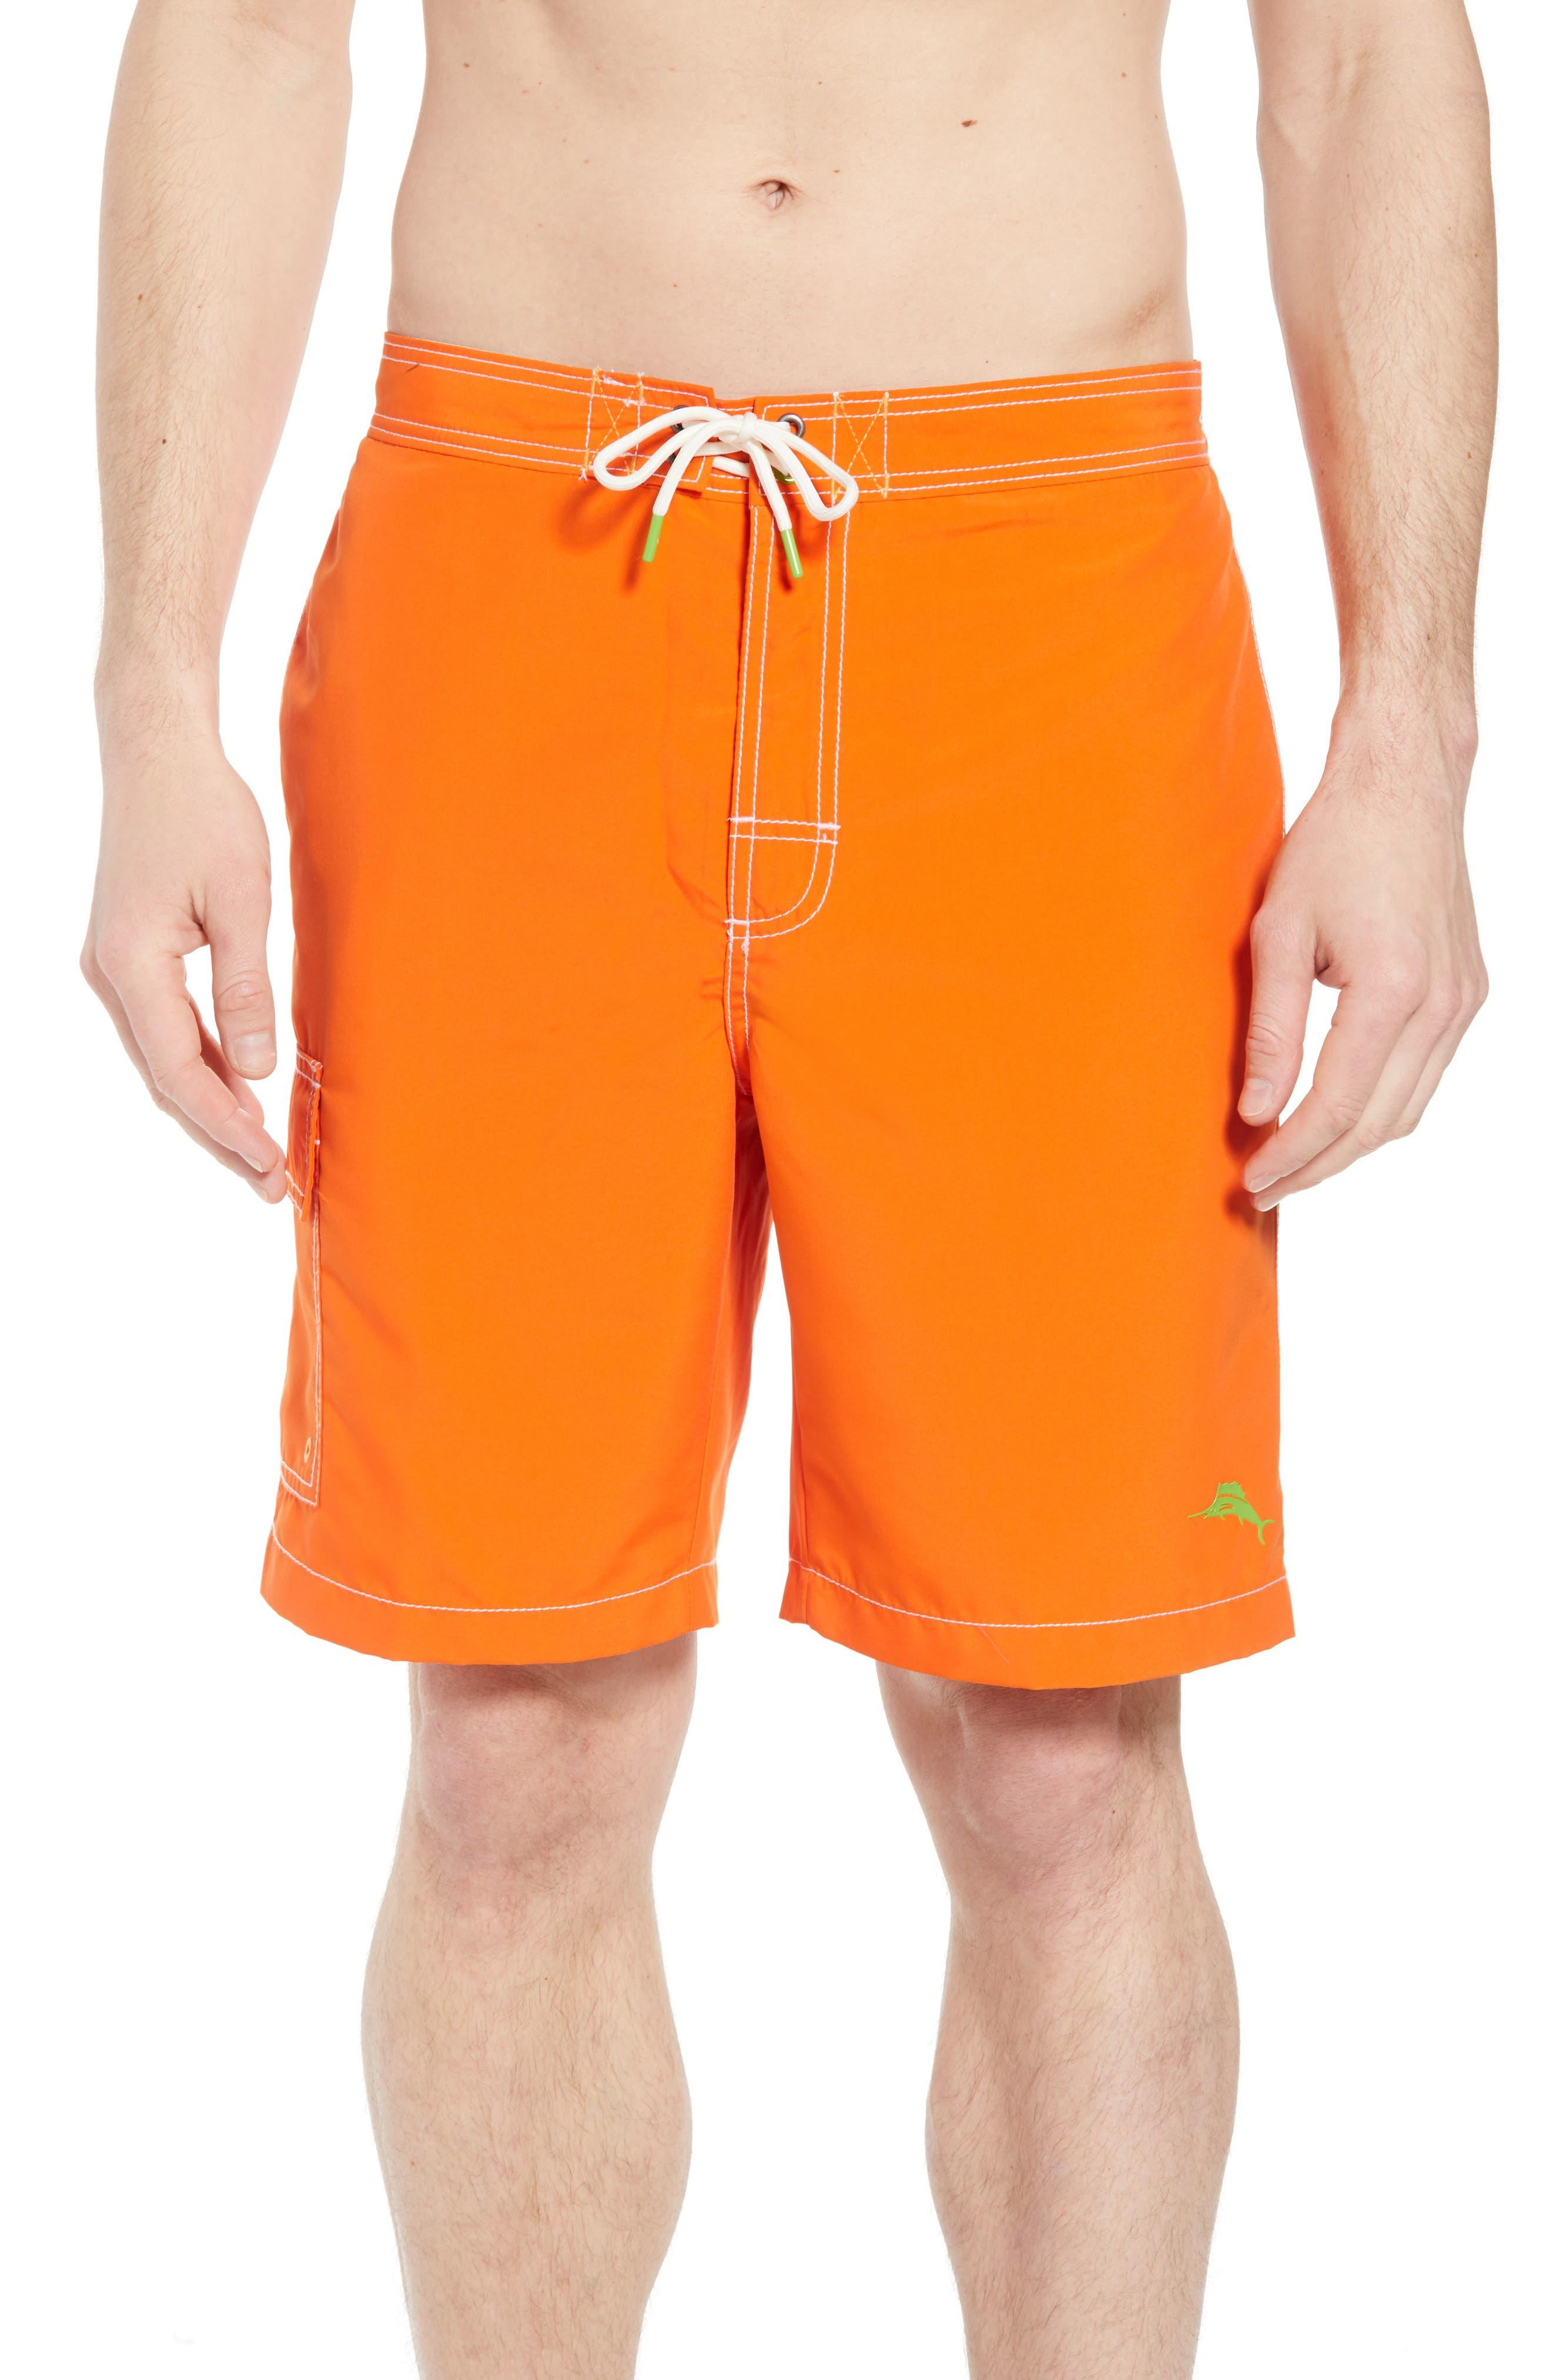 Baja Beach Board Shorts,                         Main,                         color, Curuba